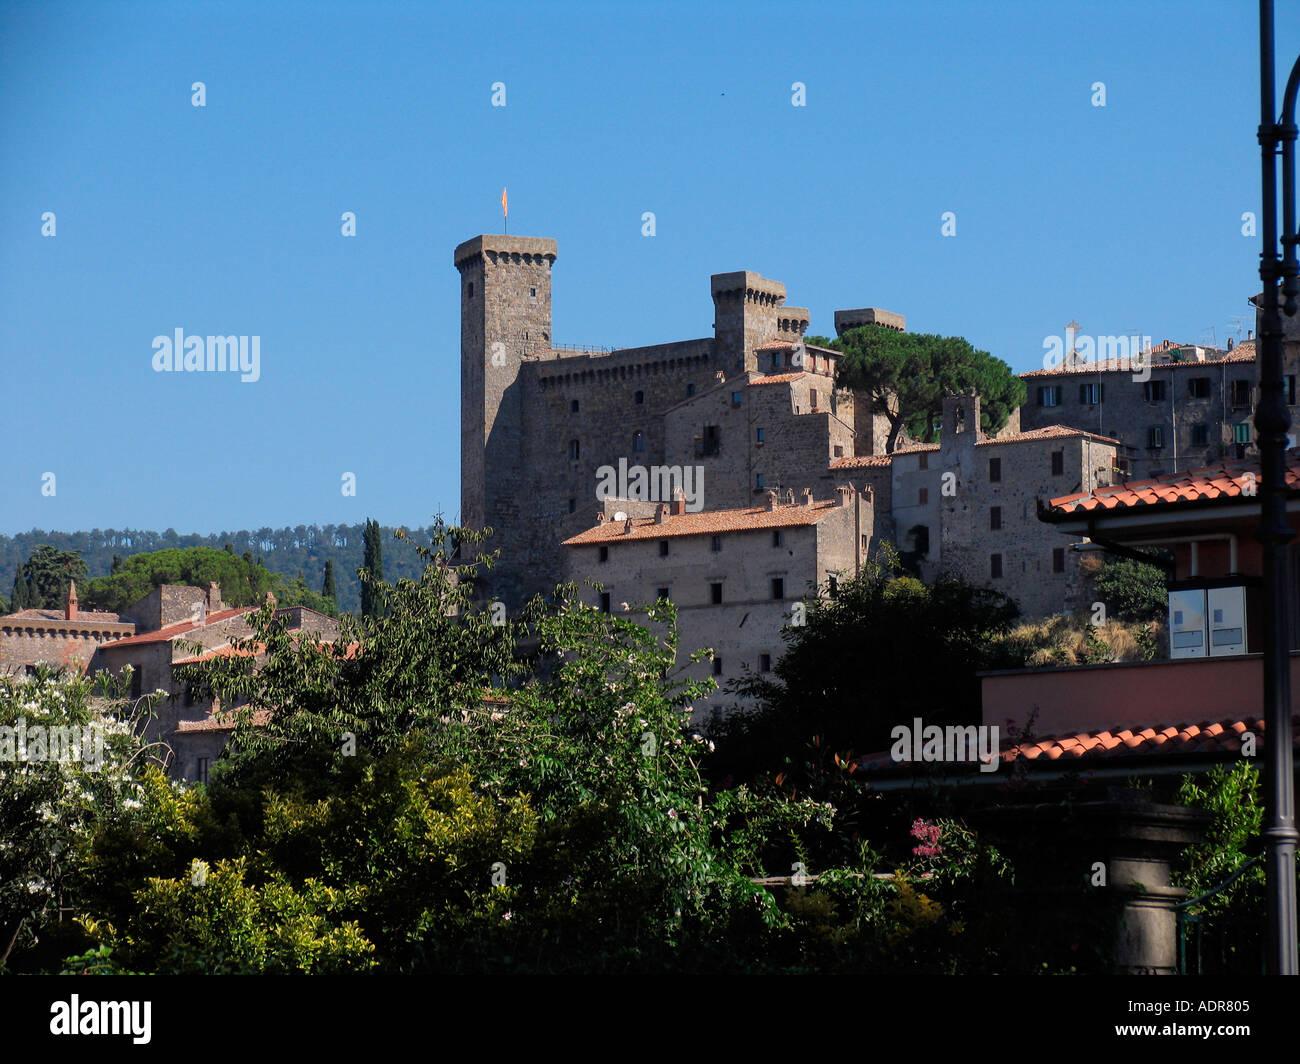 Hanghäuser mittelalterliche burg erhebt sich über hang häuser bolsena italien